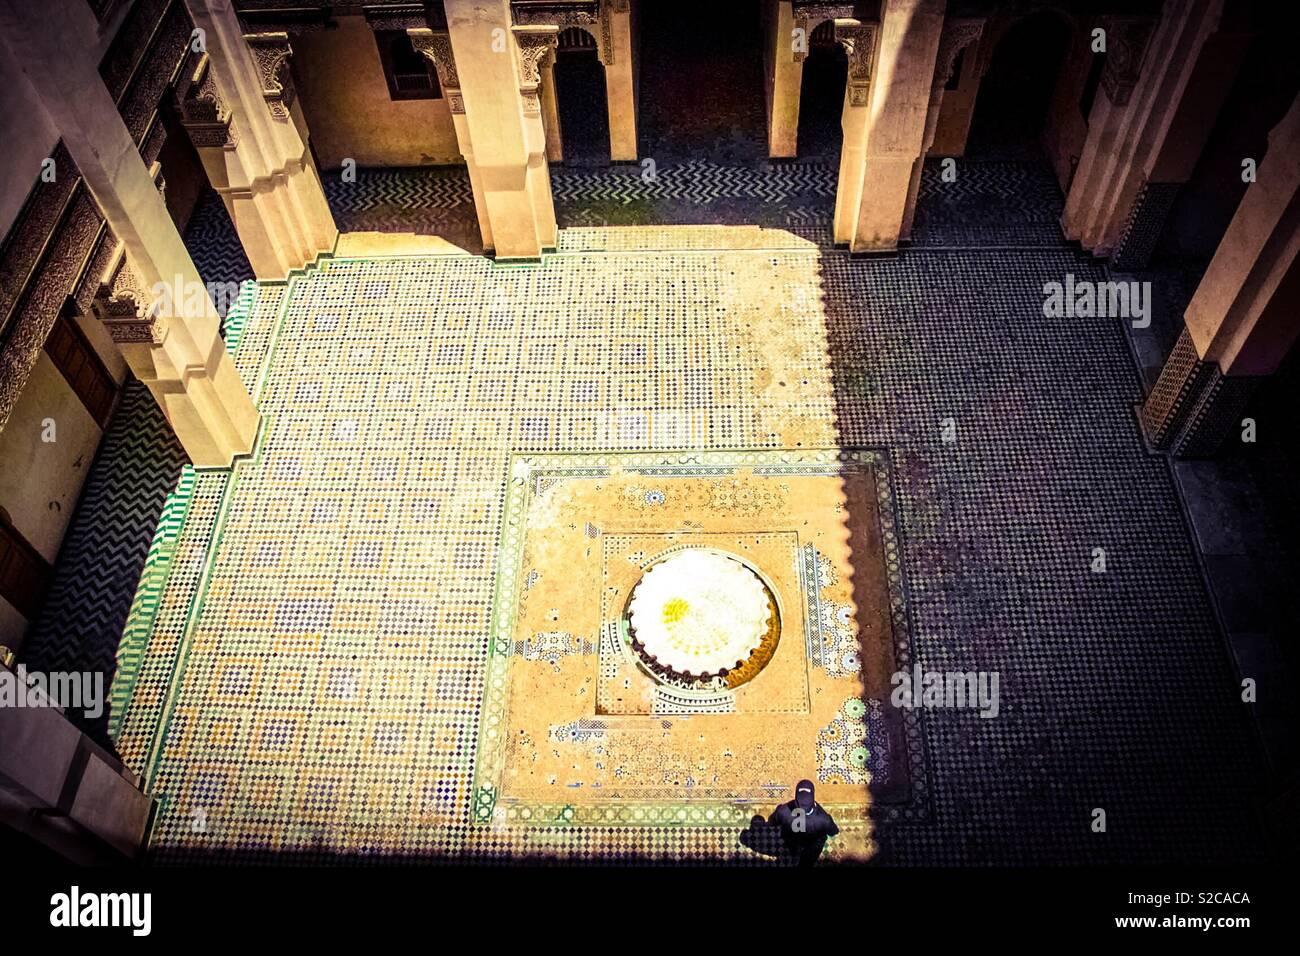 Piastrelle colorate del marocco foto immagine stock